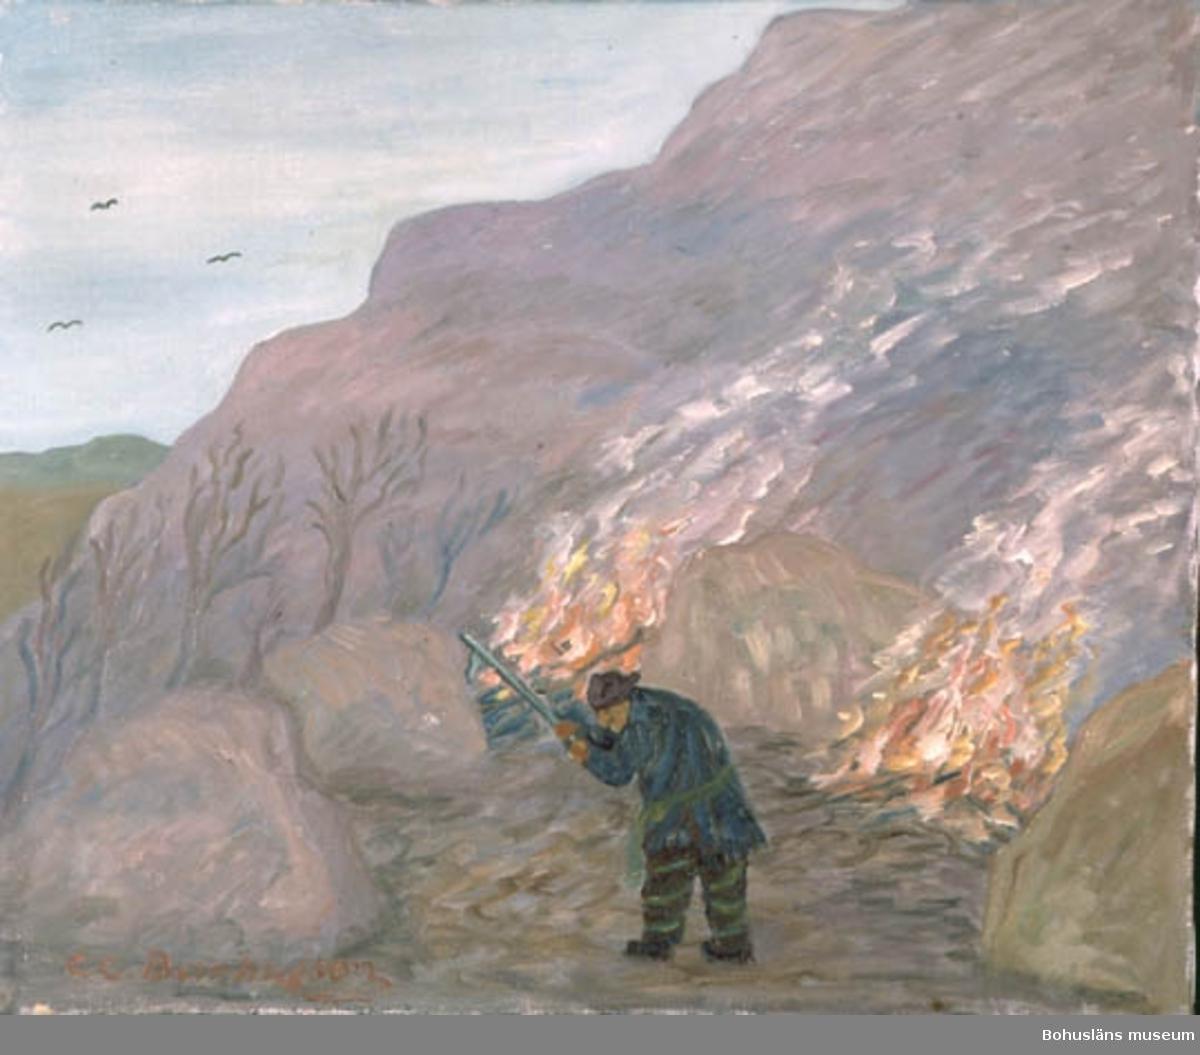 """Bohusläns museum förvaltar 526 målningarna av Carl Gustaf Bernhardson.  Flera målningar visas i Bernhardsonrummet, i basutställningen på andra våningen.  Baksidestext:  """"BrännäQwinnan. Den första odlingen och odlare på denna ö var en Kvinna. Troligen hade Hon en tid vistats På Island . För traditionen förtäljer att Hon kom därifrån omkr. år 900-talet, och sannorligt föds här och följt vikingar härifrån till Island. Vikingarna (Folk som bodde i vikarna). Stället heter även i dag Brännetomta. Folklivsskildring Skaftö.  C.G. Bernhardson.  Gamla Molands saga.""""  Ordförklaring: Moland = Morlanda, Orust.  Om upphängningsanordningar på folklivsmålningarna se Tillst & Vård under detta nummer.  Litteratur: Bernhardson, C.G.: Bohuslänsk sed och folktro, Uddevalla , 1982, s. 17. Titel i boken: Brännäqwinnan."""